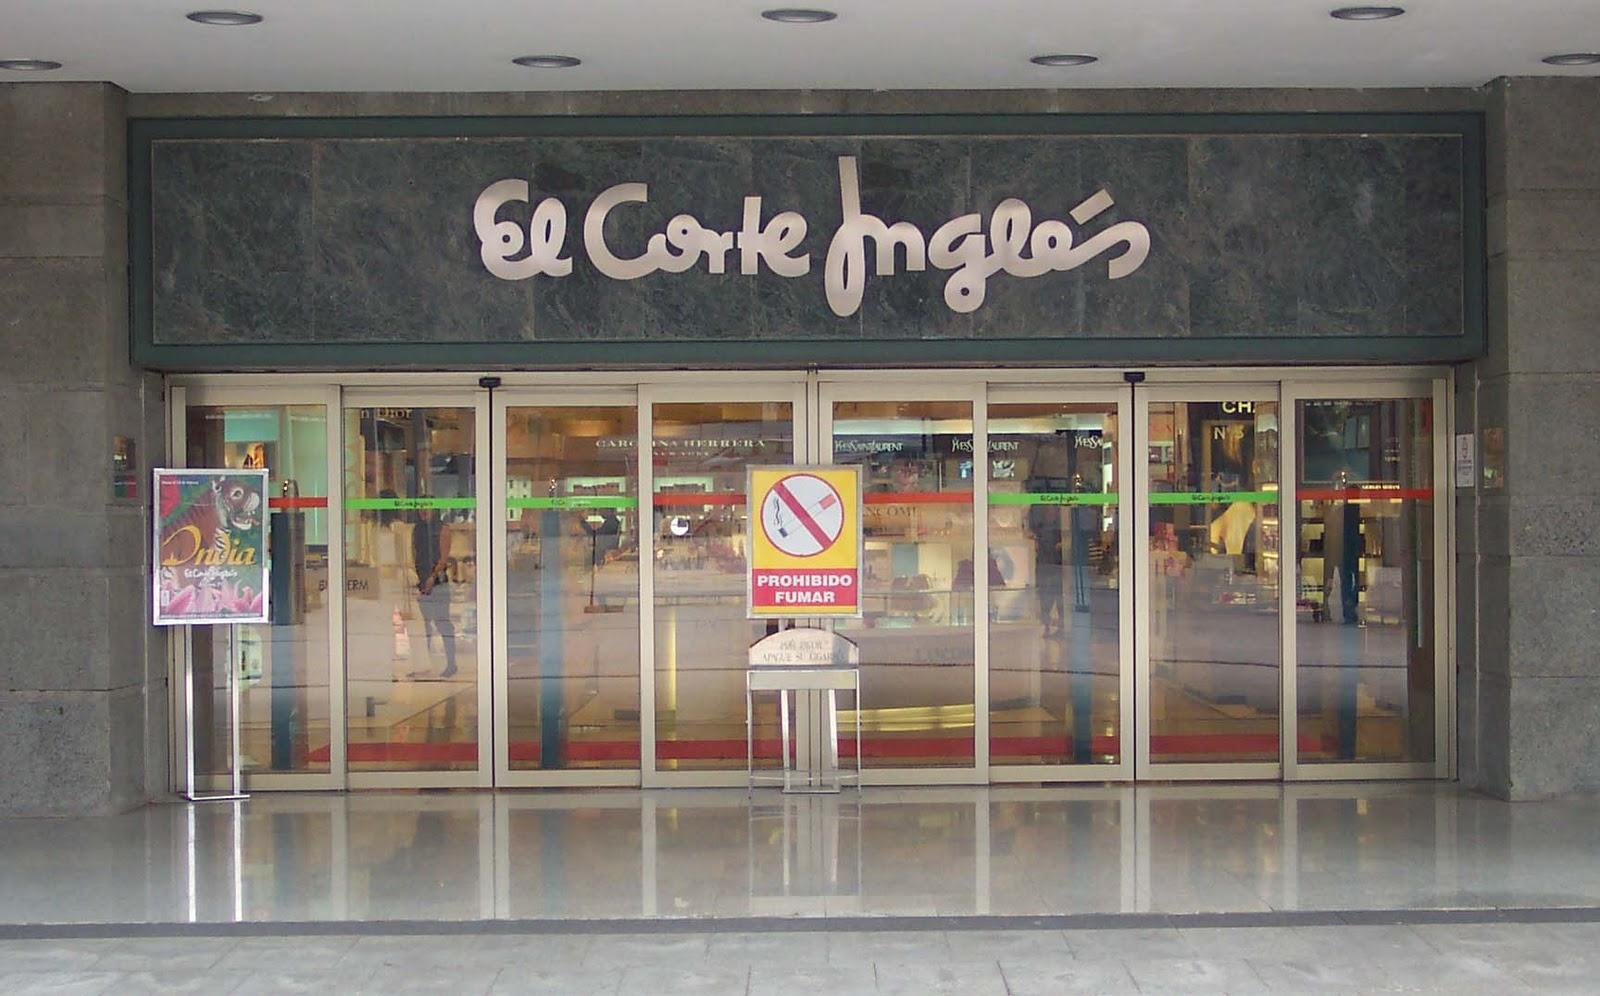 De marcas y productos las 10 marcas m s comentadas en - Entradas elcorte ingles ...